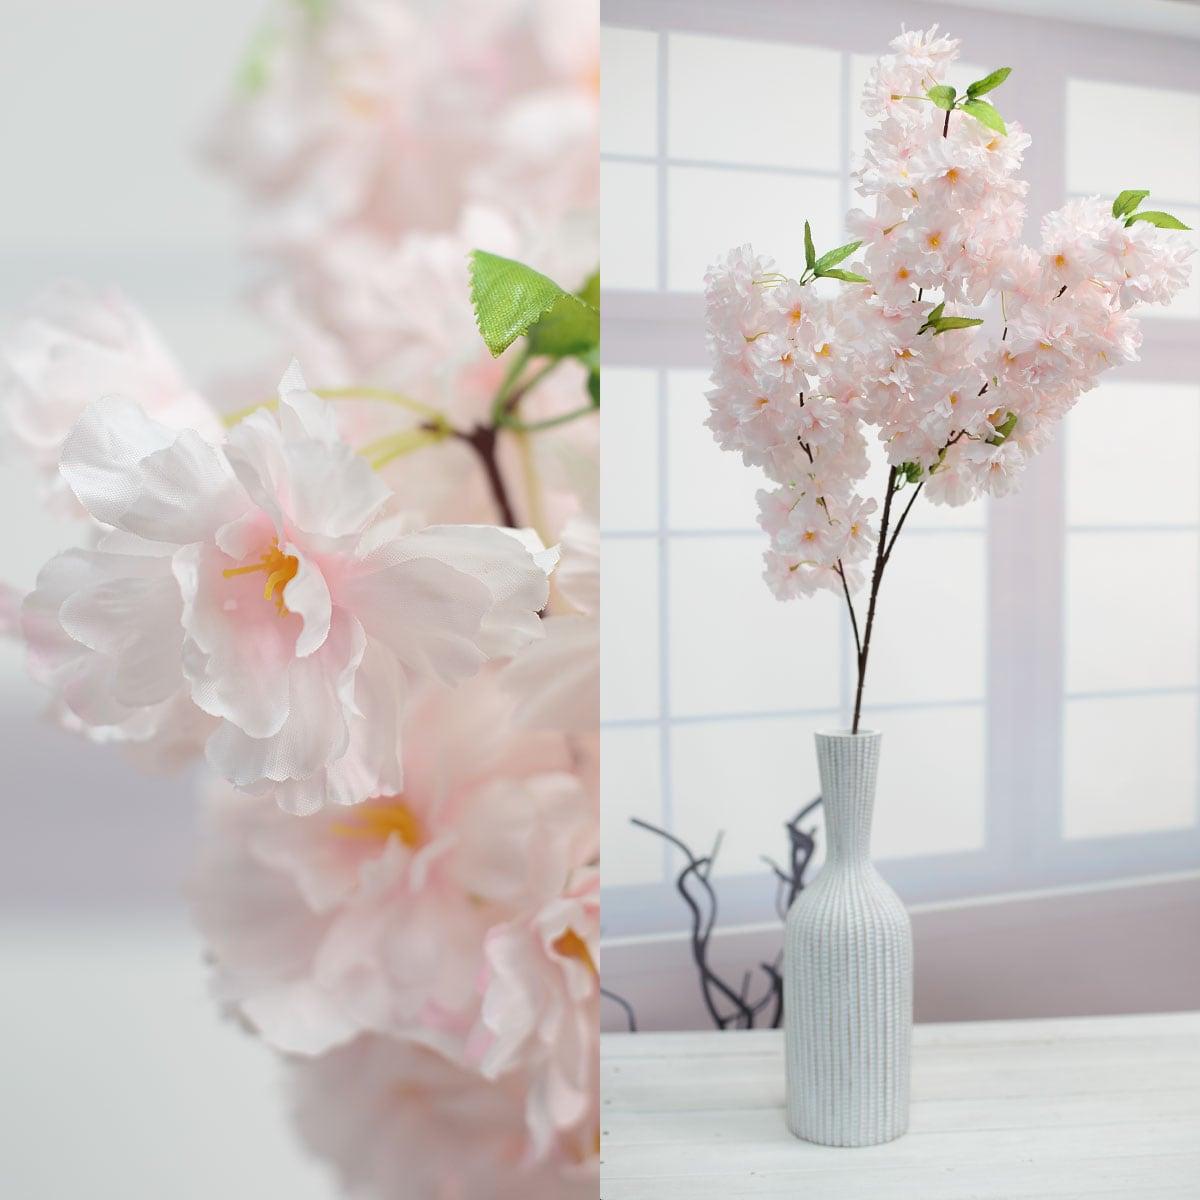 라이트핑크색 꽃송이 디테일, 한줄기 화병사진